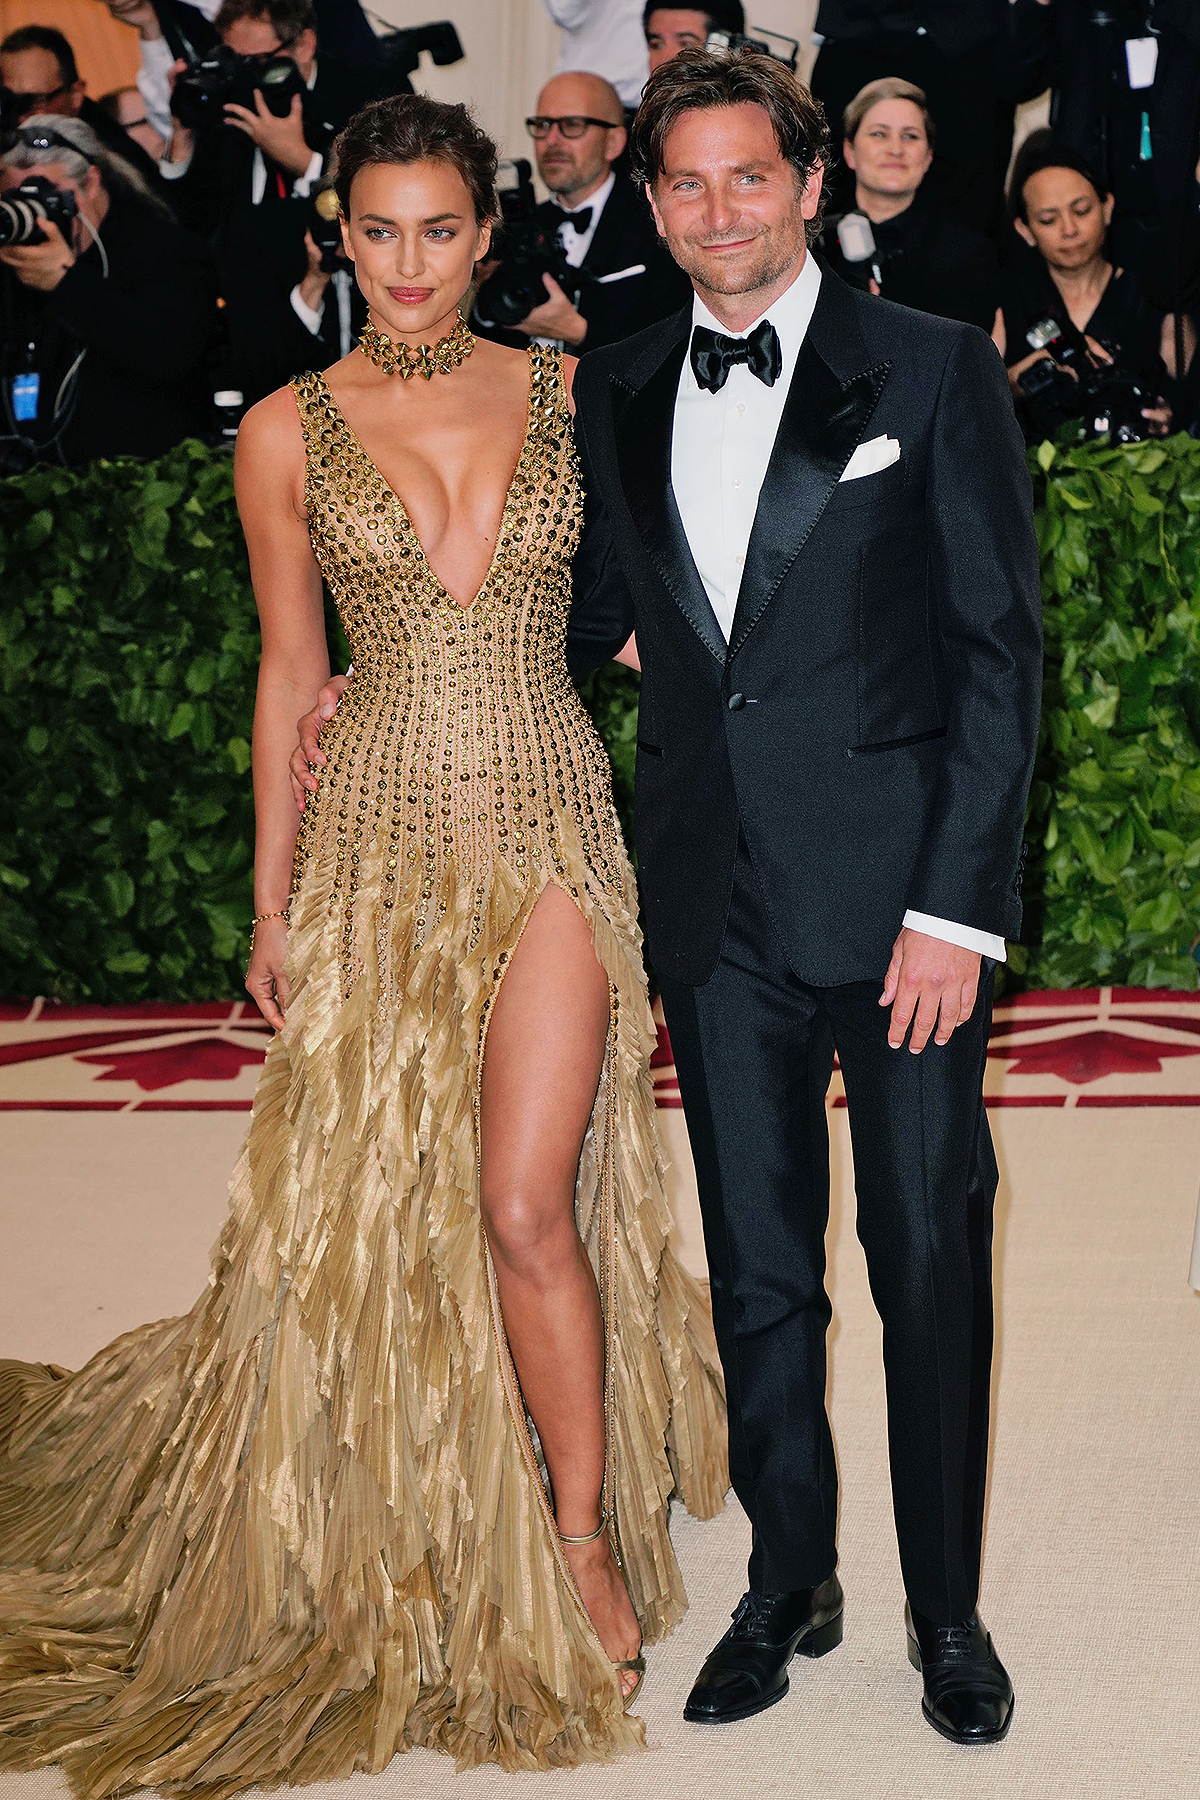 Irina Shayk and Bradley Cooper